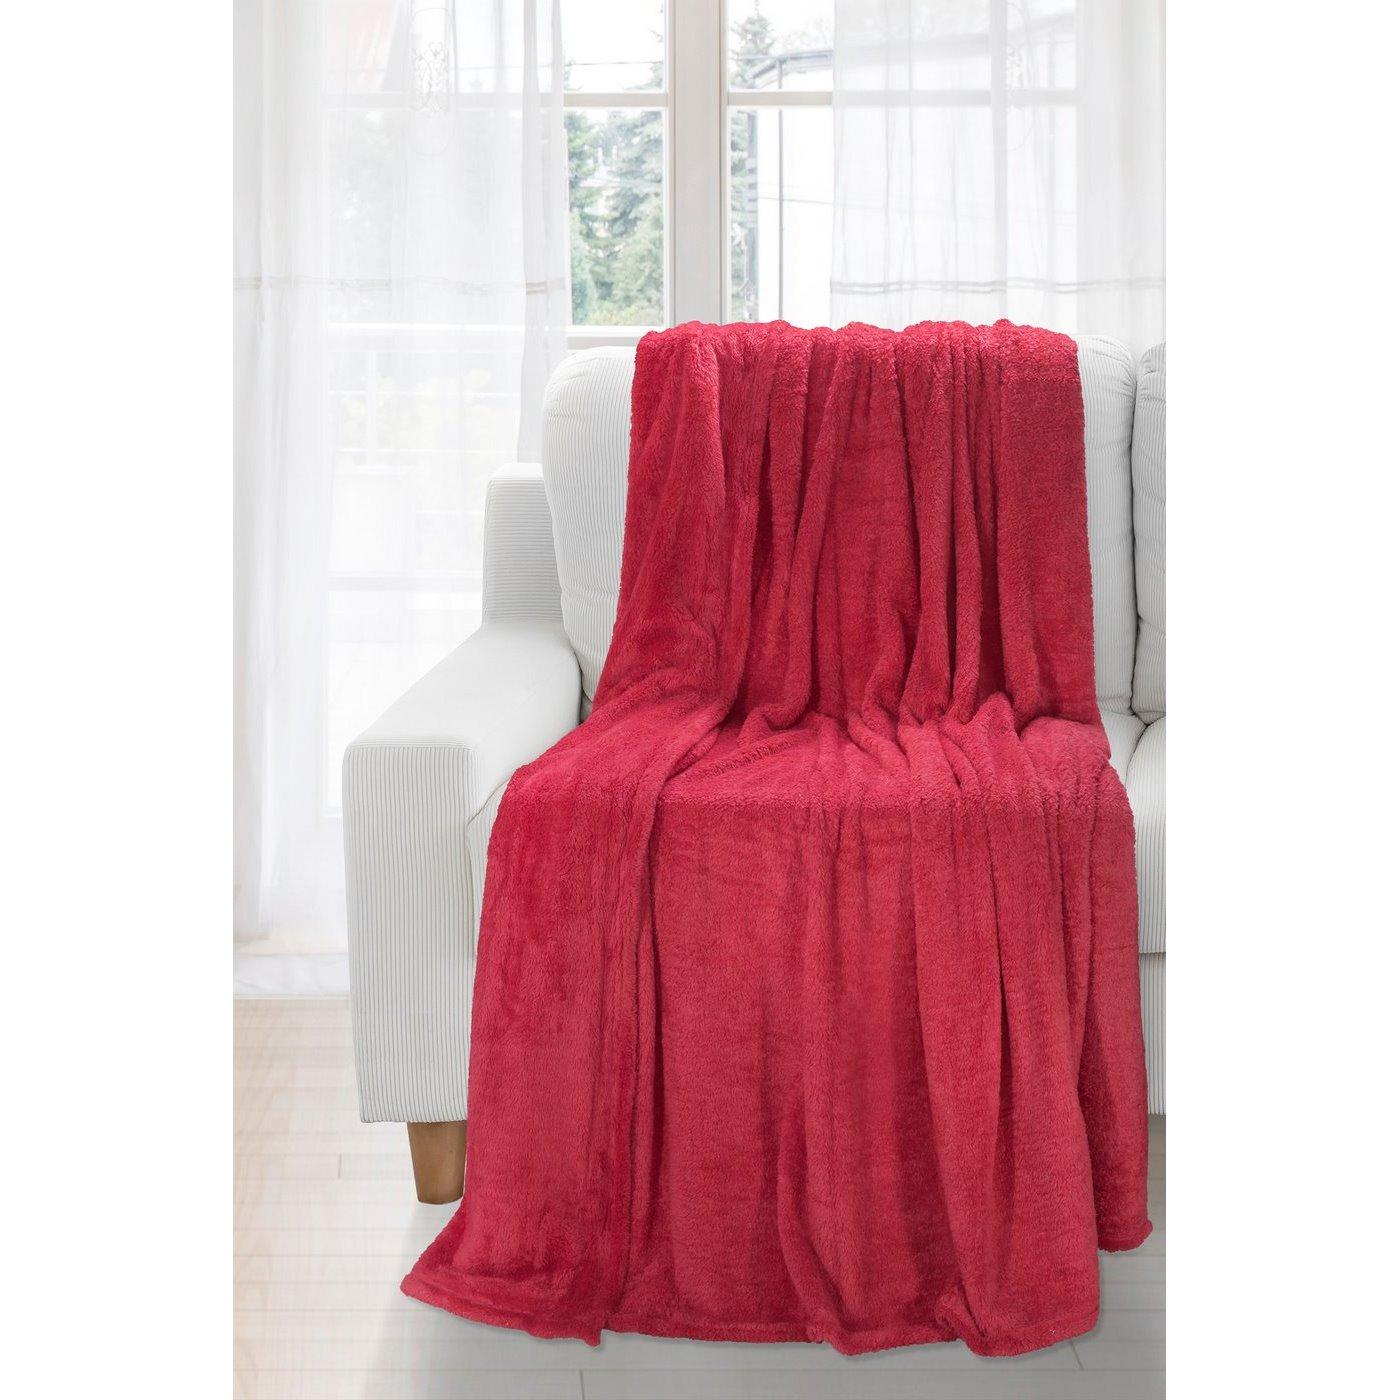 Koc miękki jednokolorowy czerwony 150x200cm